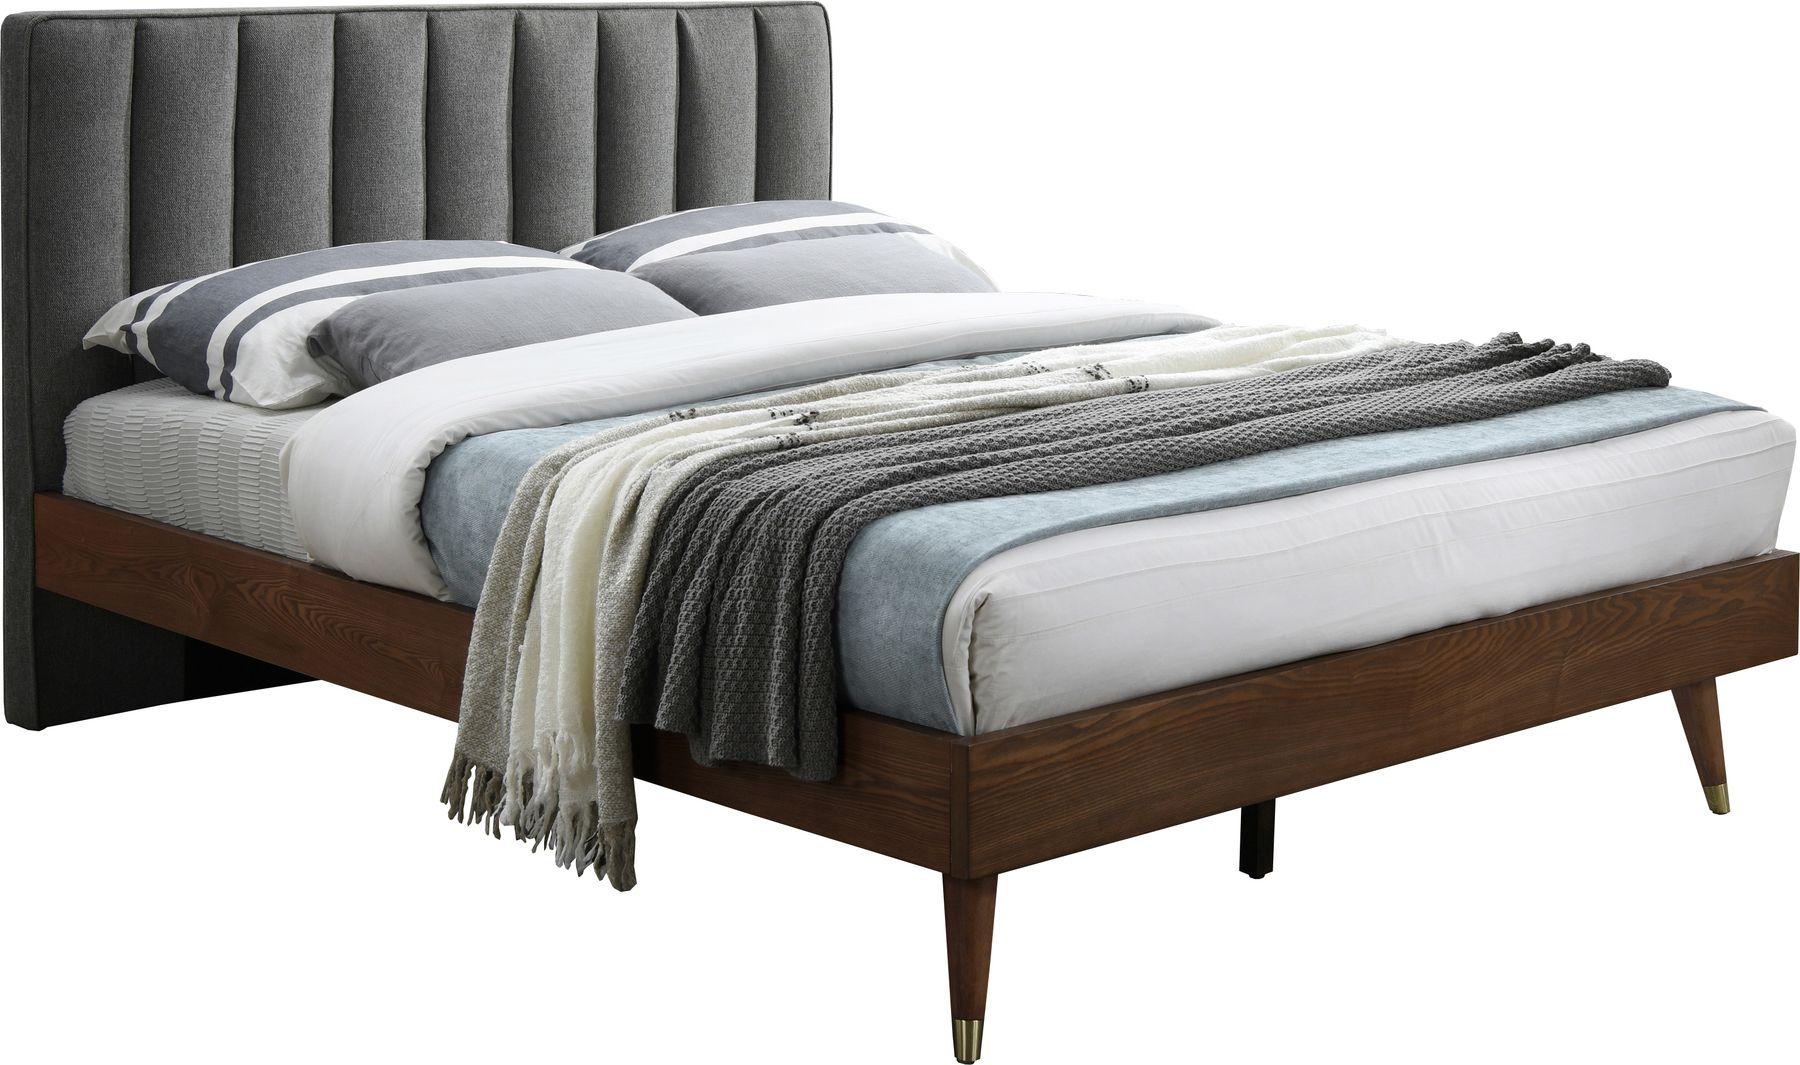 Meridian Vance Gray Mid Century Design Walnut Fabric Queen Bed